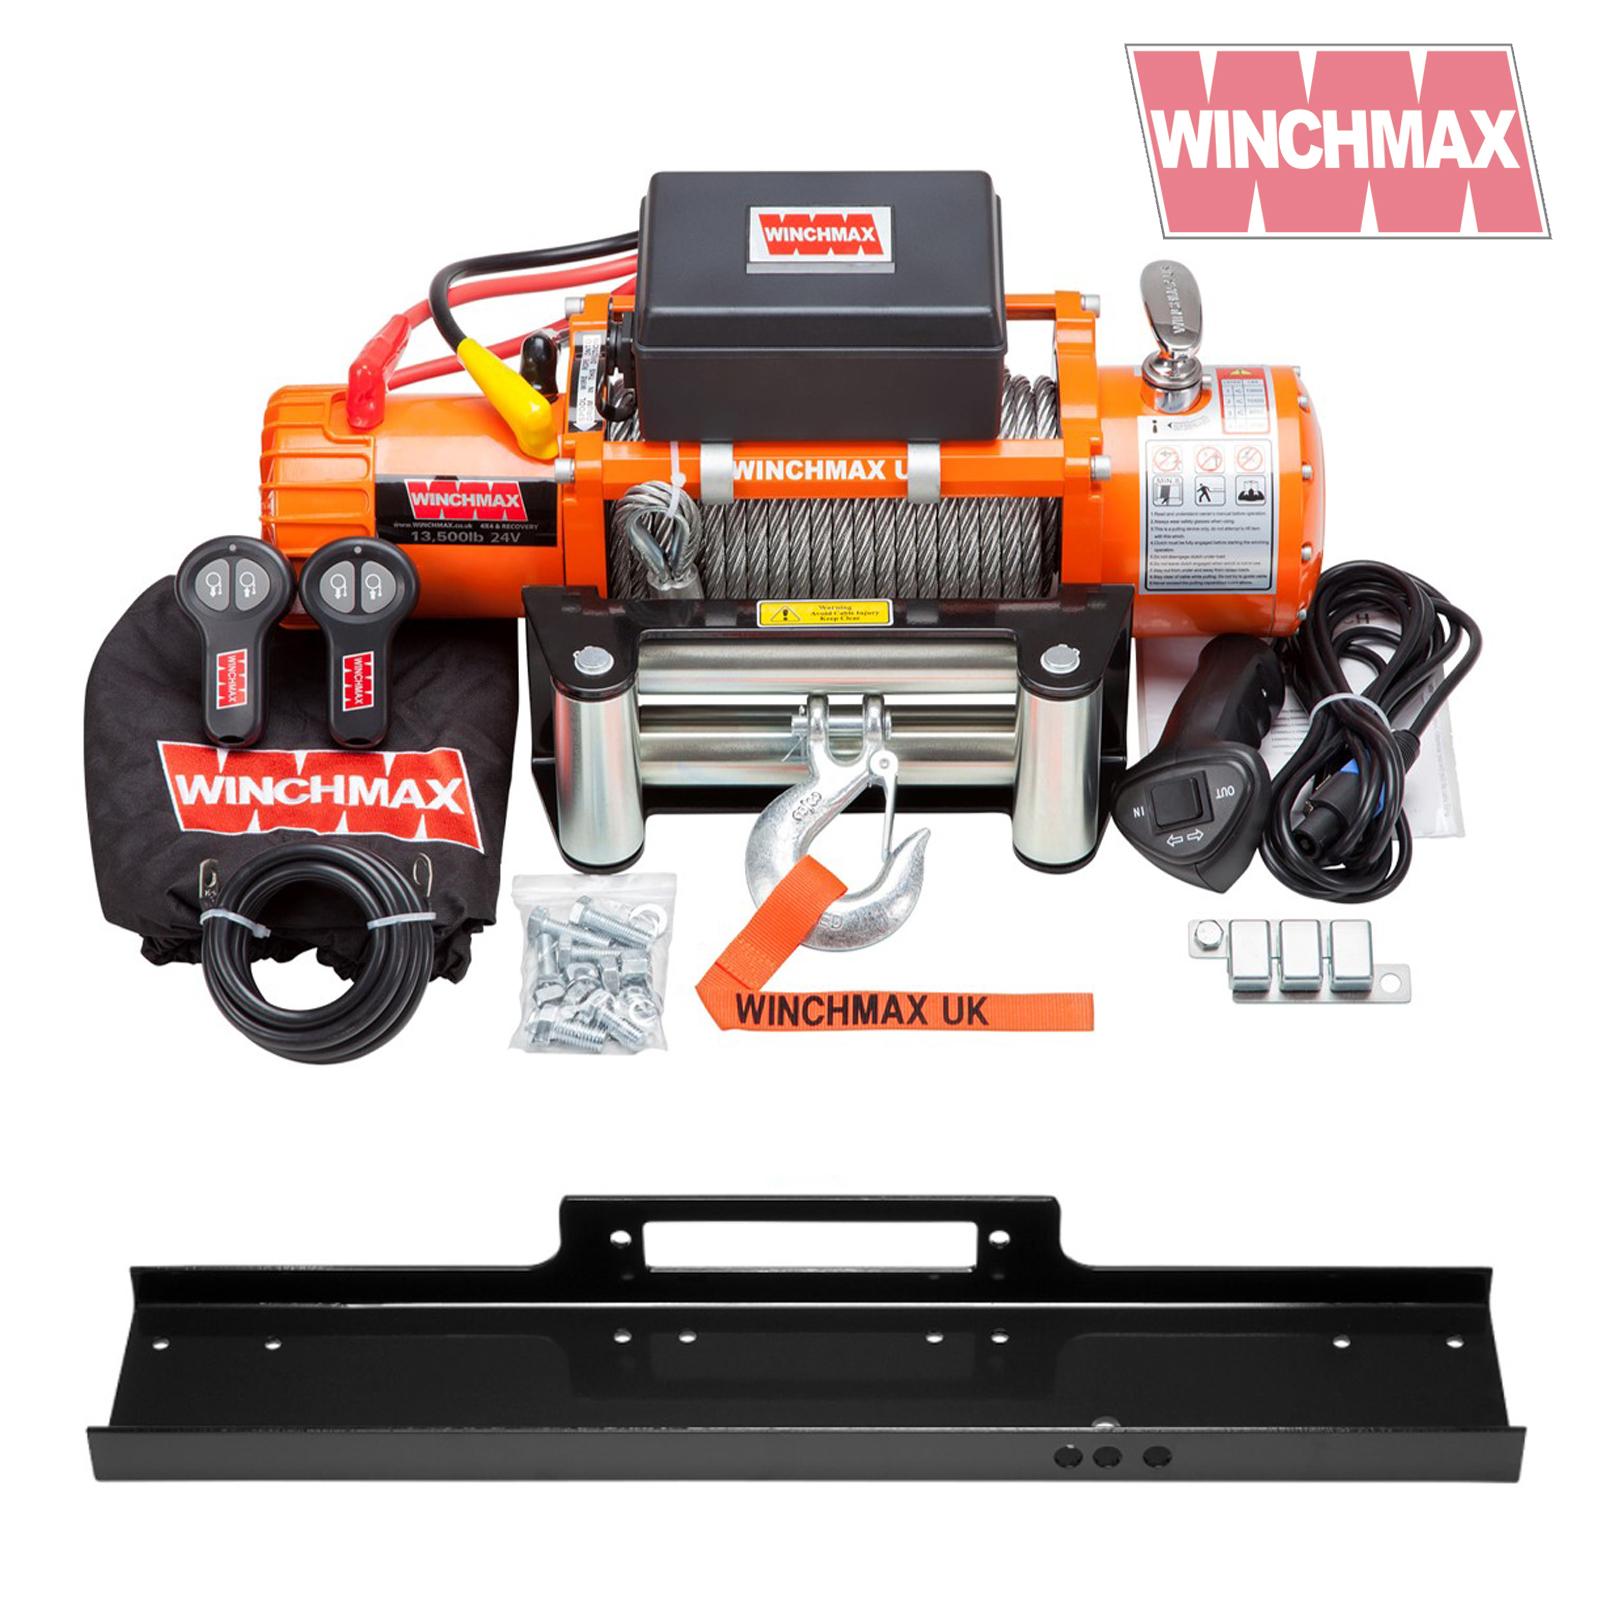 Wm1350024v wmmp2